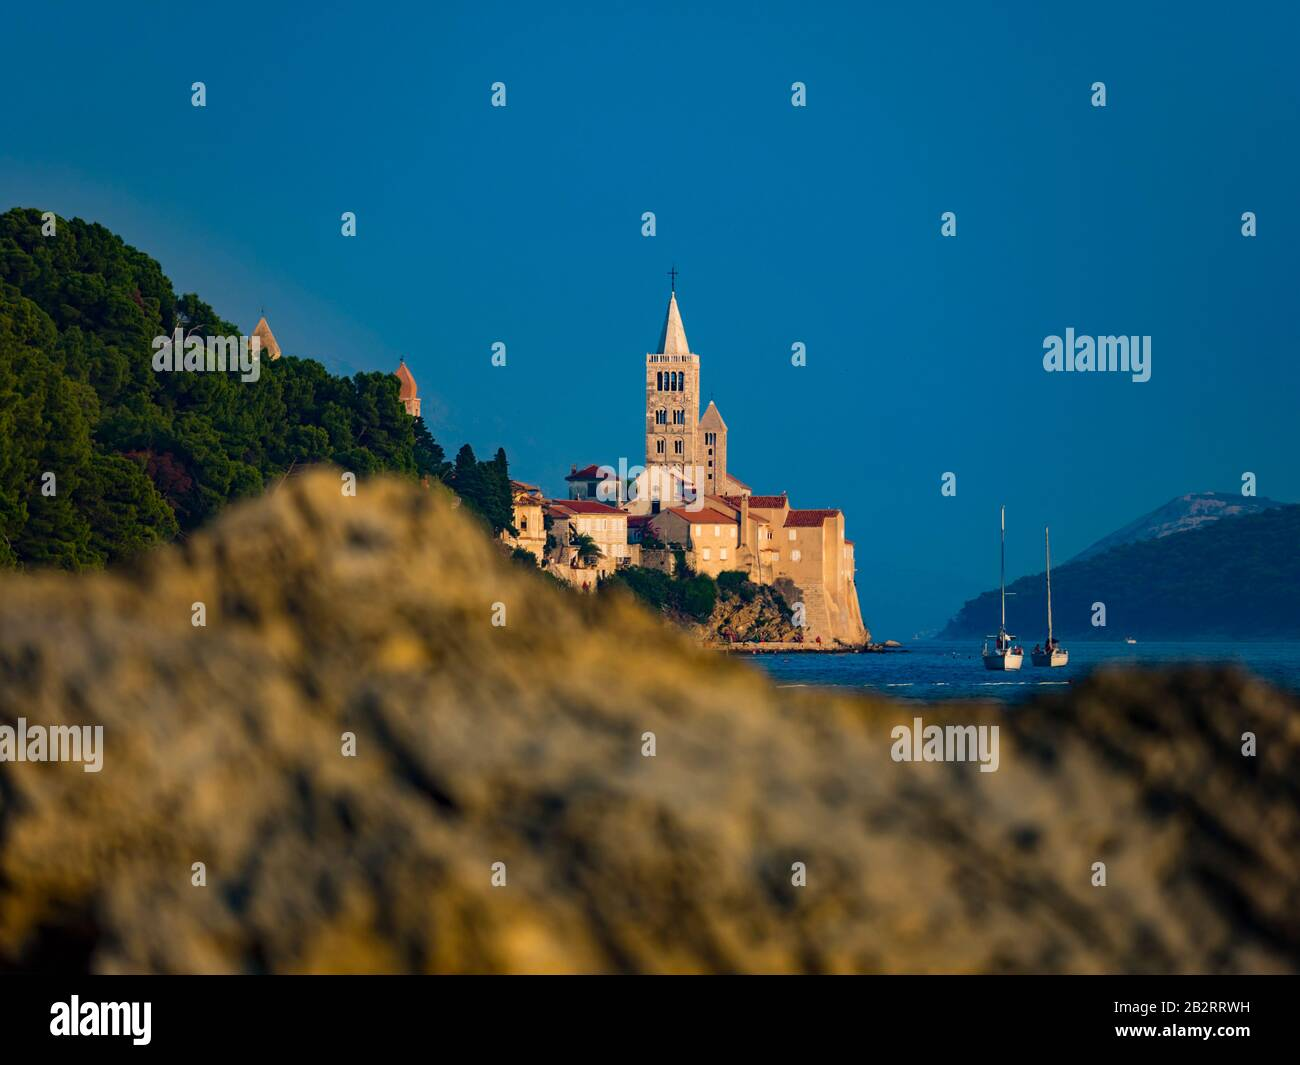 Town Rab island Rab in Croatia Stock Photo